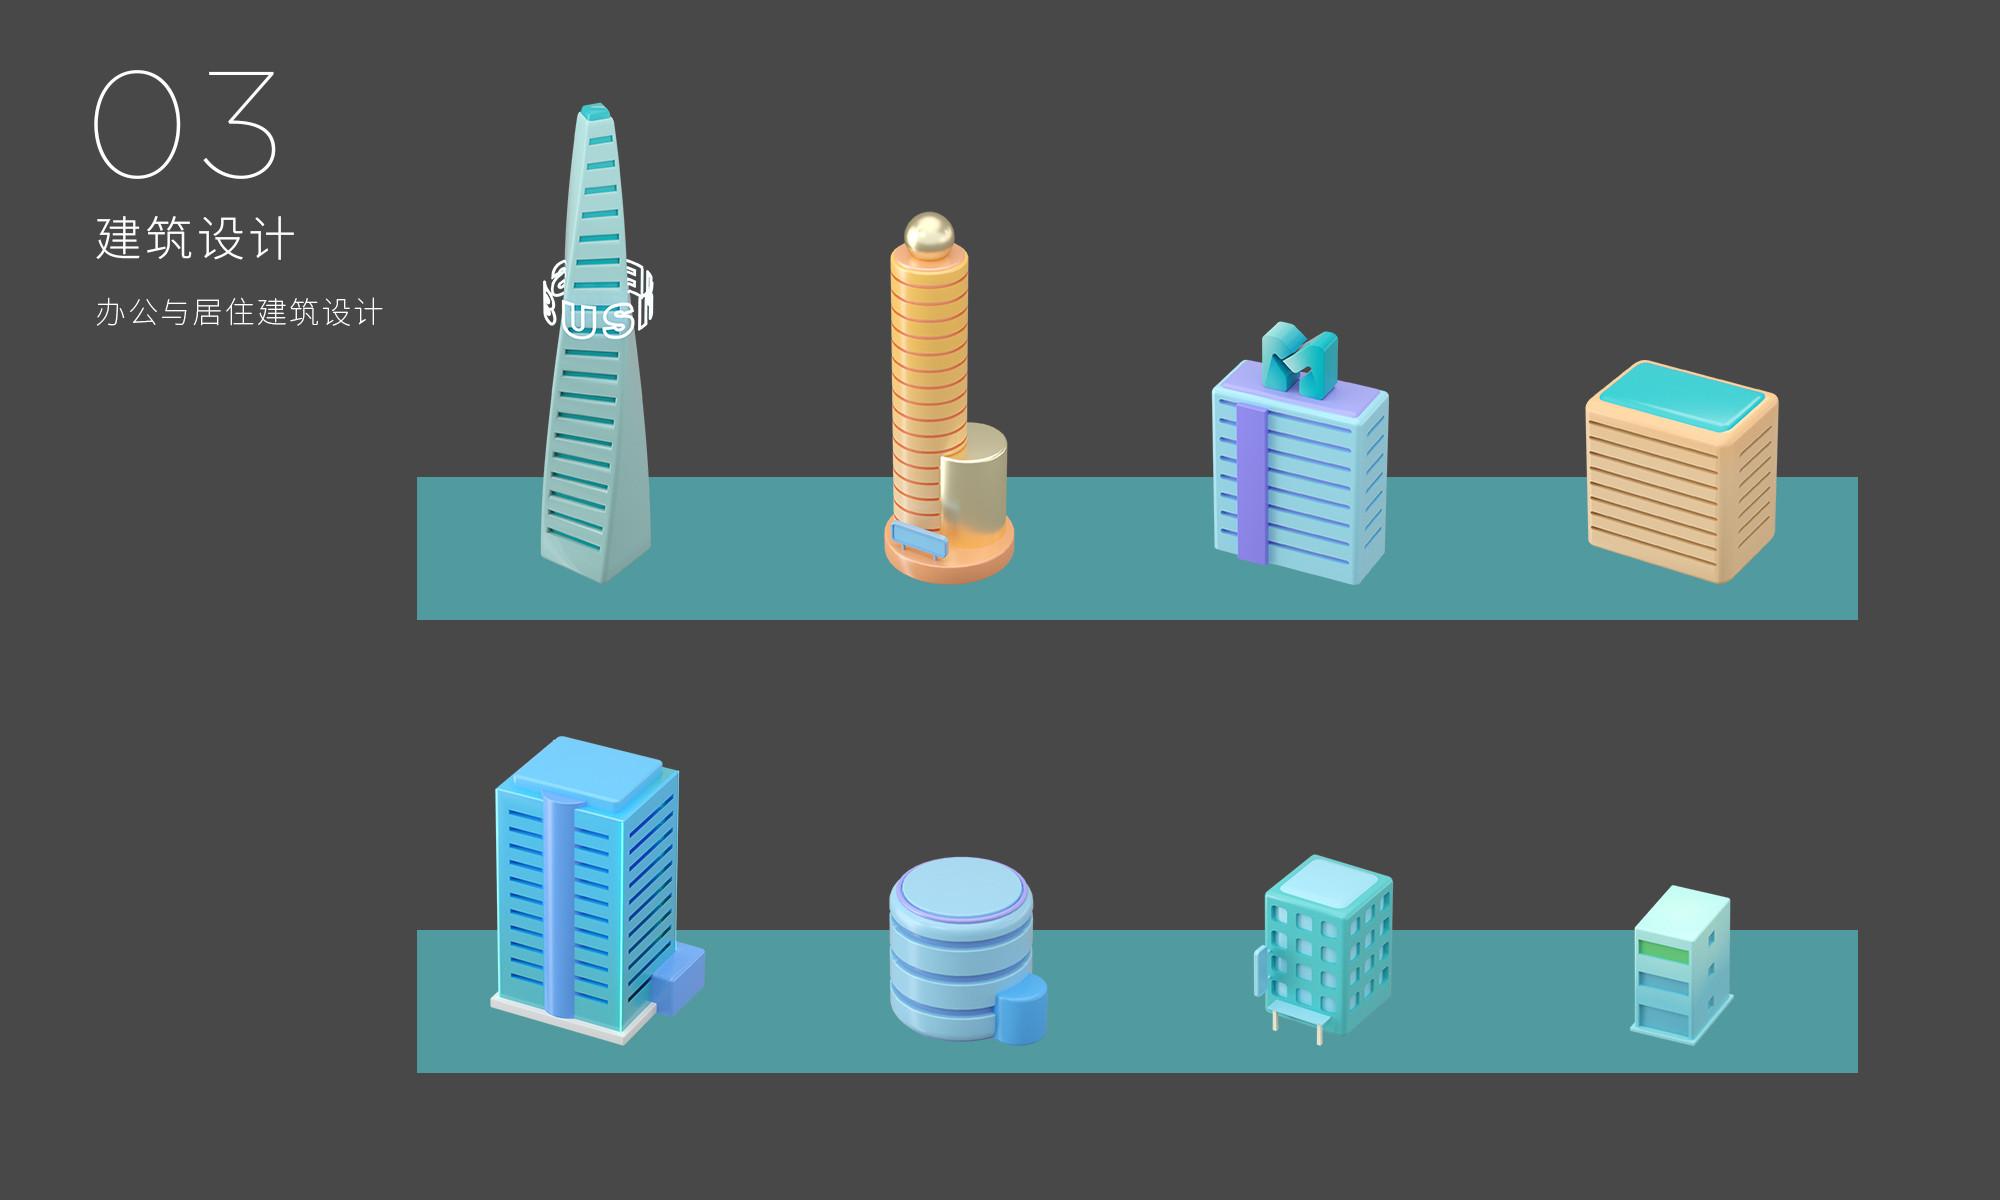 02建筑设定 拷贝.jpg